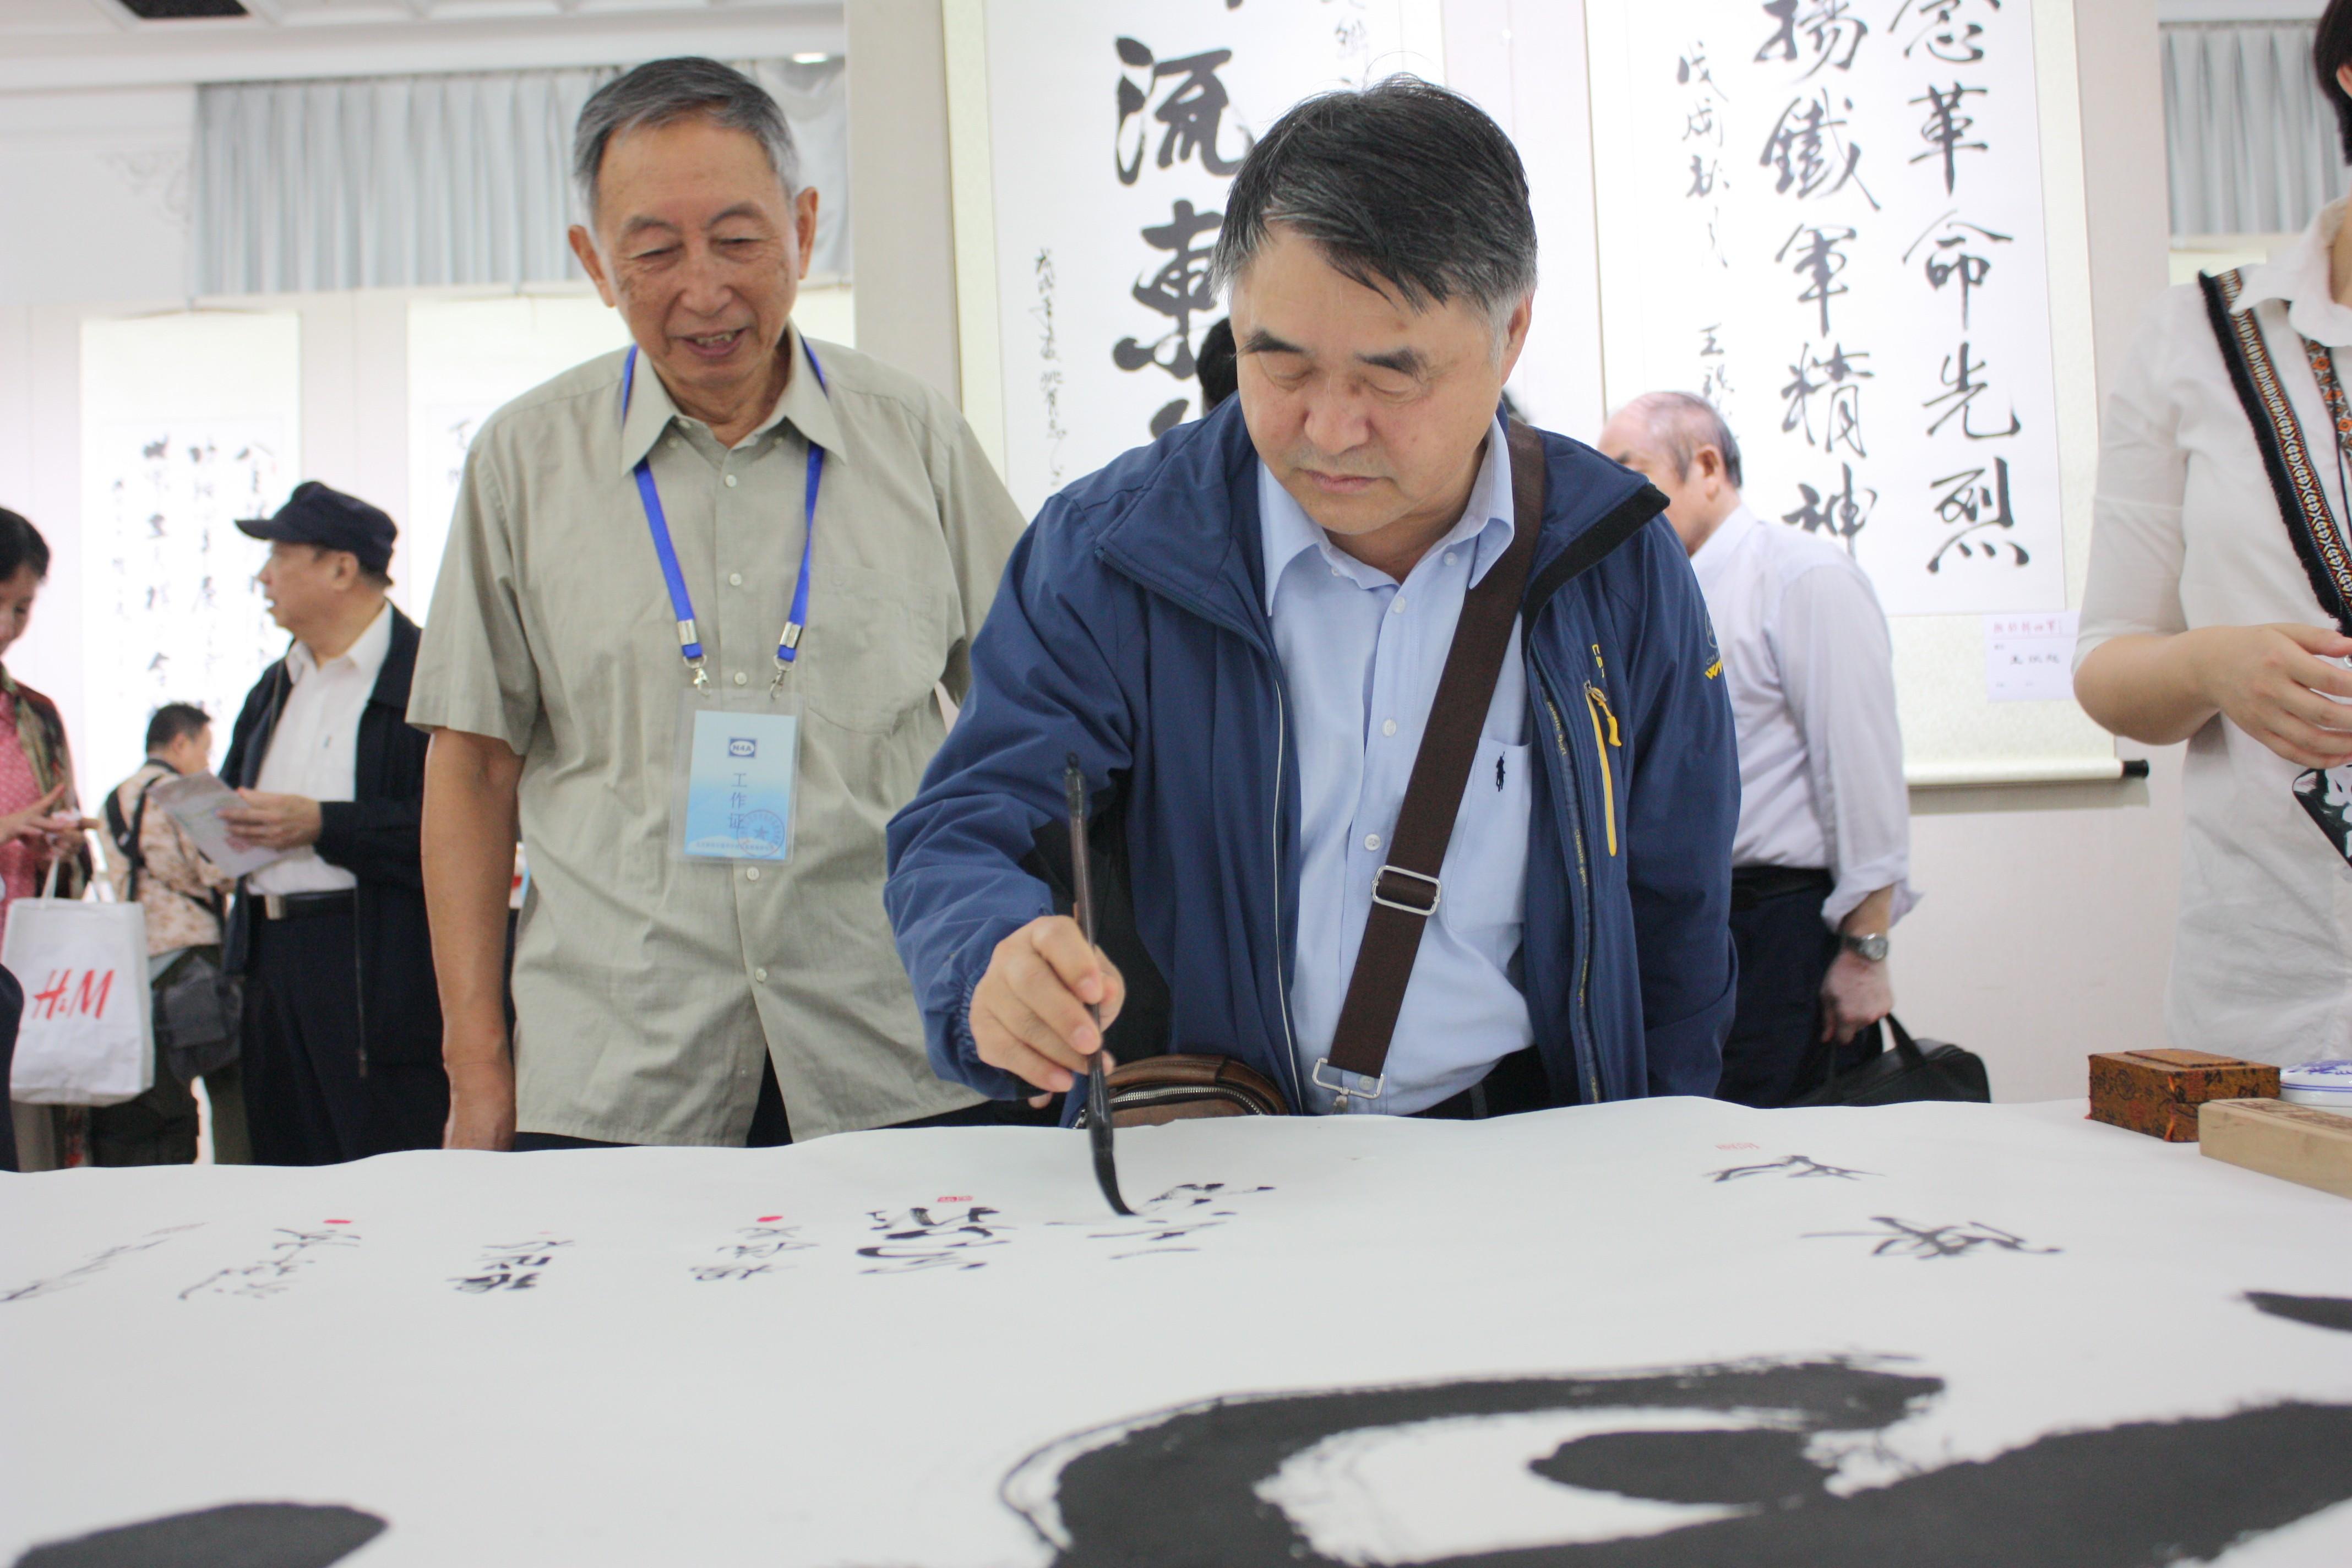 北京新四军研究会常务副会长王小戬签名留念.JPG